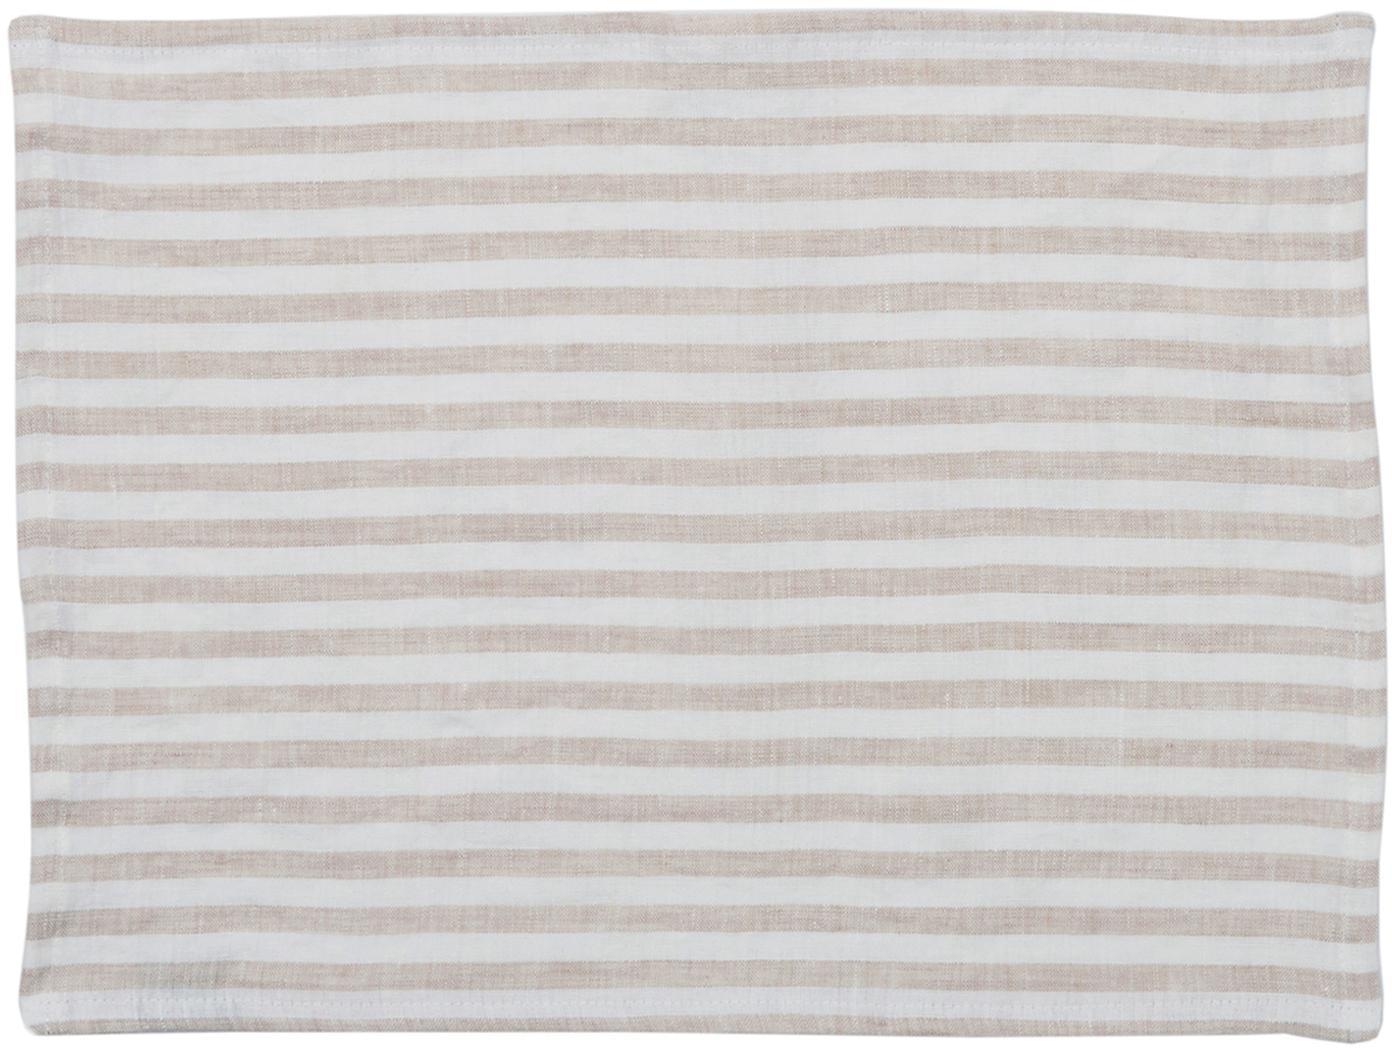 Leinen Tischsets Solami, 2 Stück, Leinen, Beige, Weiß, 35 x 45 cm